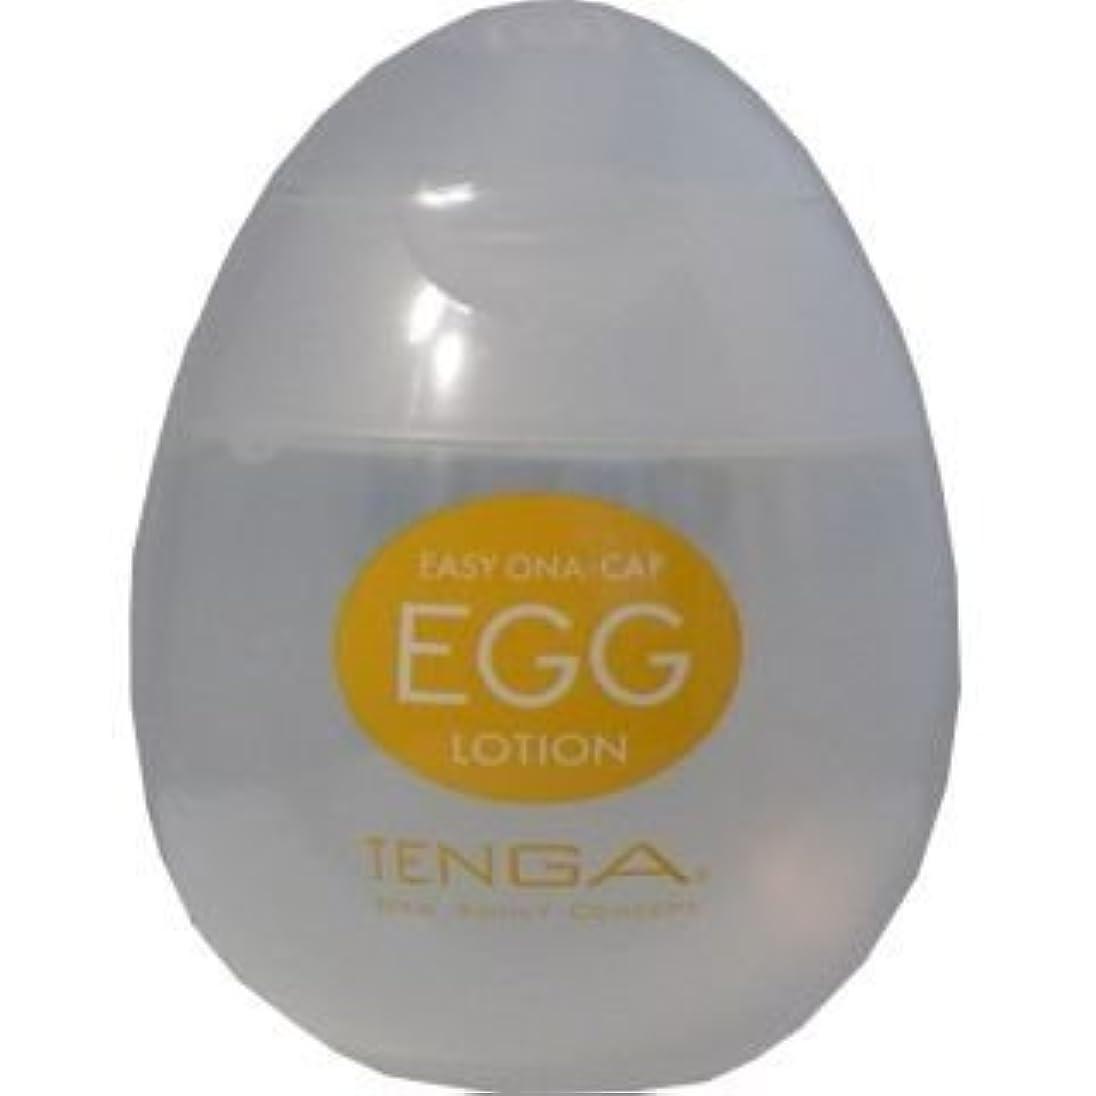 嫌がらせ苛性委託保湿成分配合で潤い長持ち!TENGA(テンガ) EGG LOTION(エッグローション) EGGL-001【2個セット】